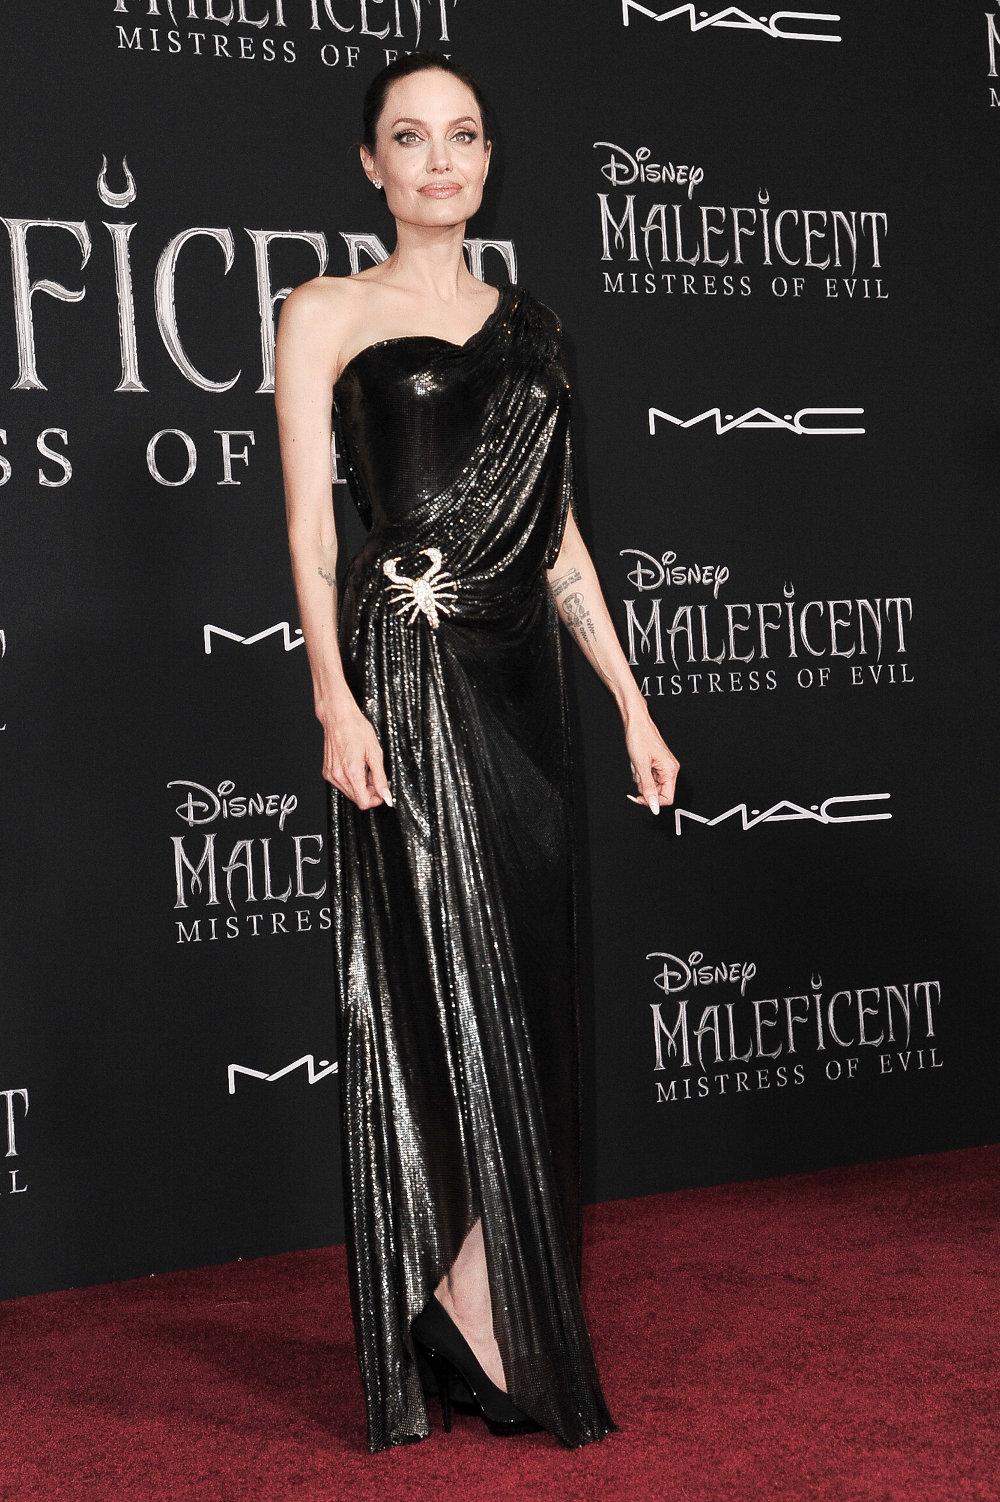 Έναν τεράστιο σκορπιό - αγκράφα έφερε το φόρεμα της Αντζελίνα Τζολί στο Κόκκινο Χαλί